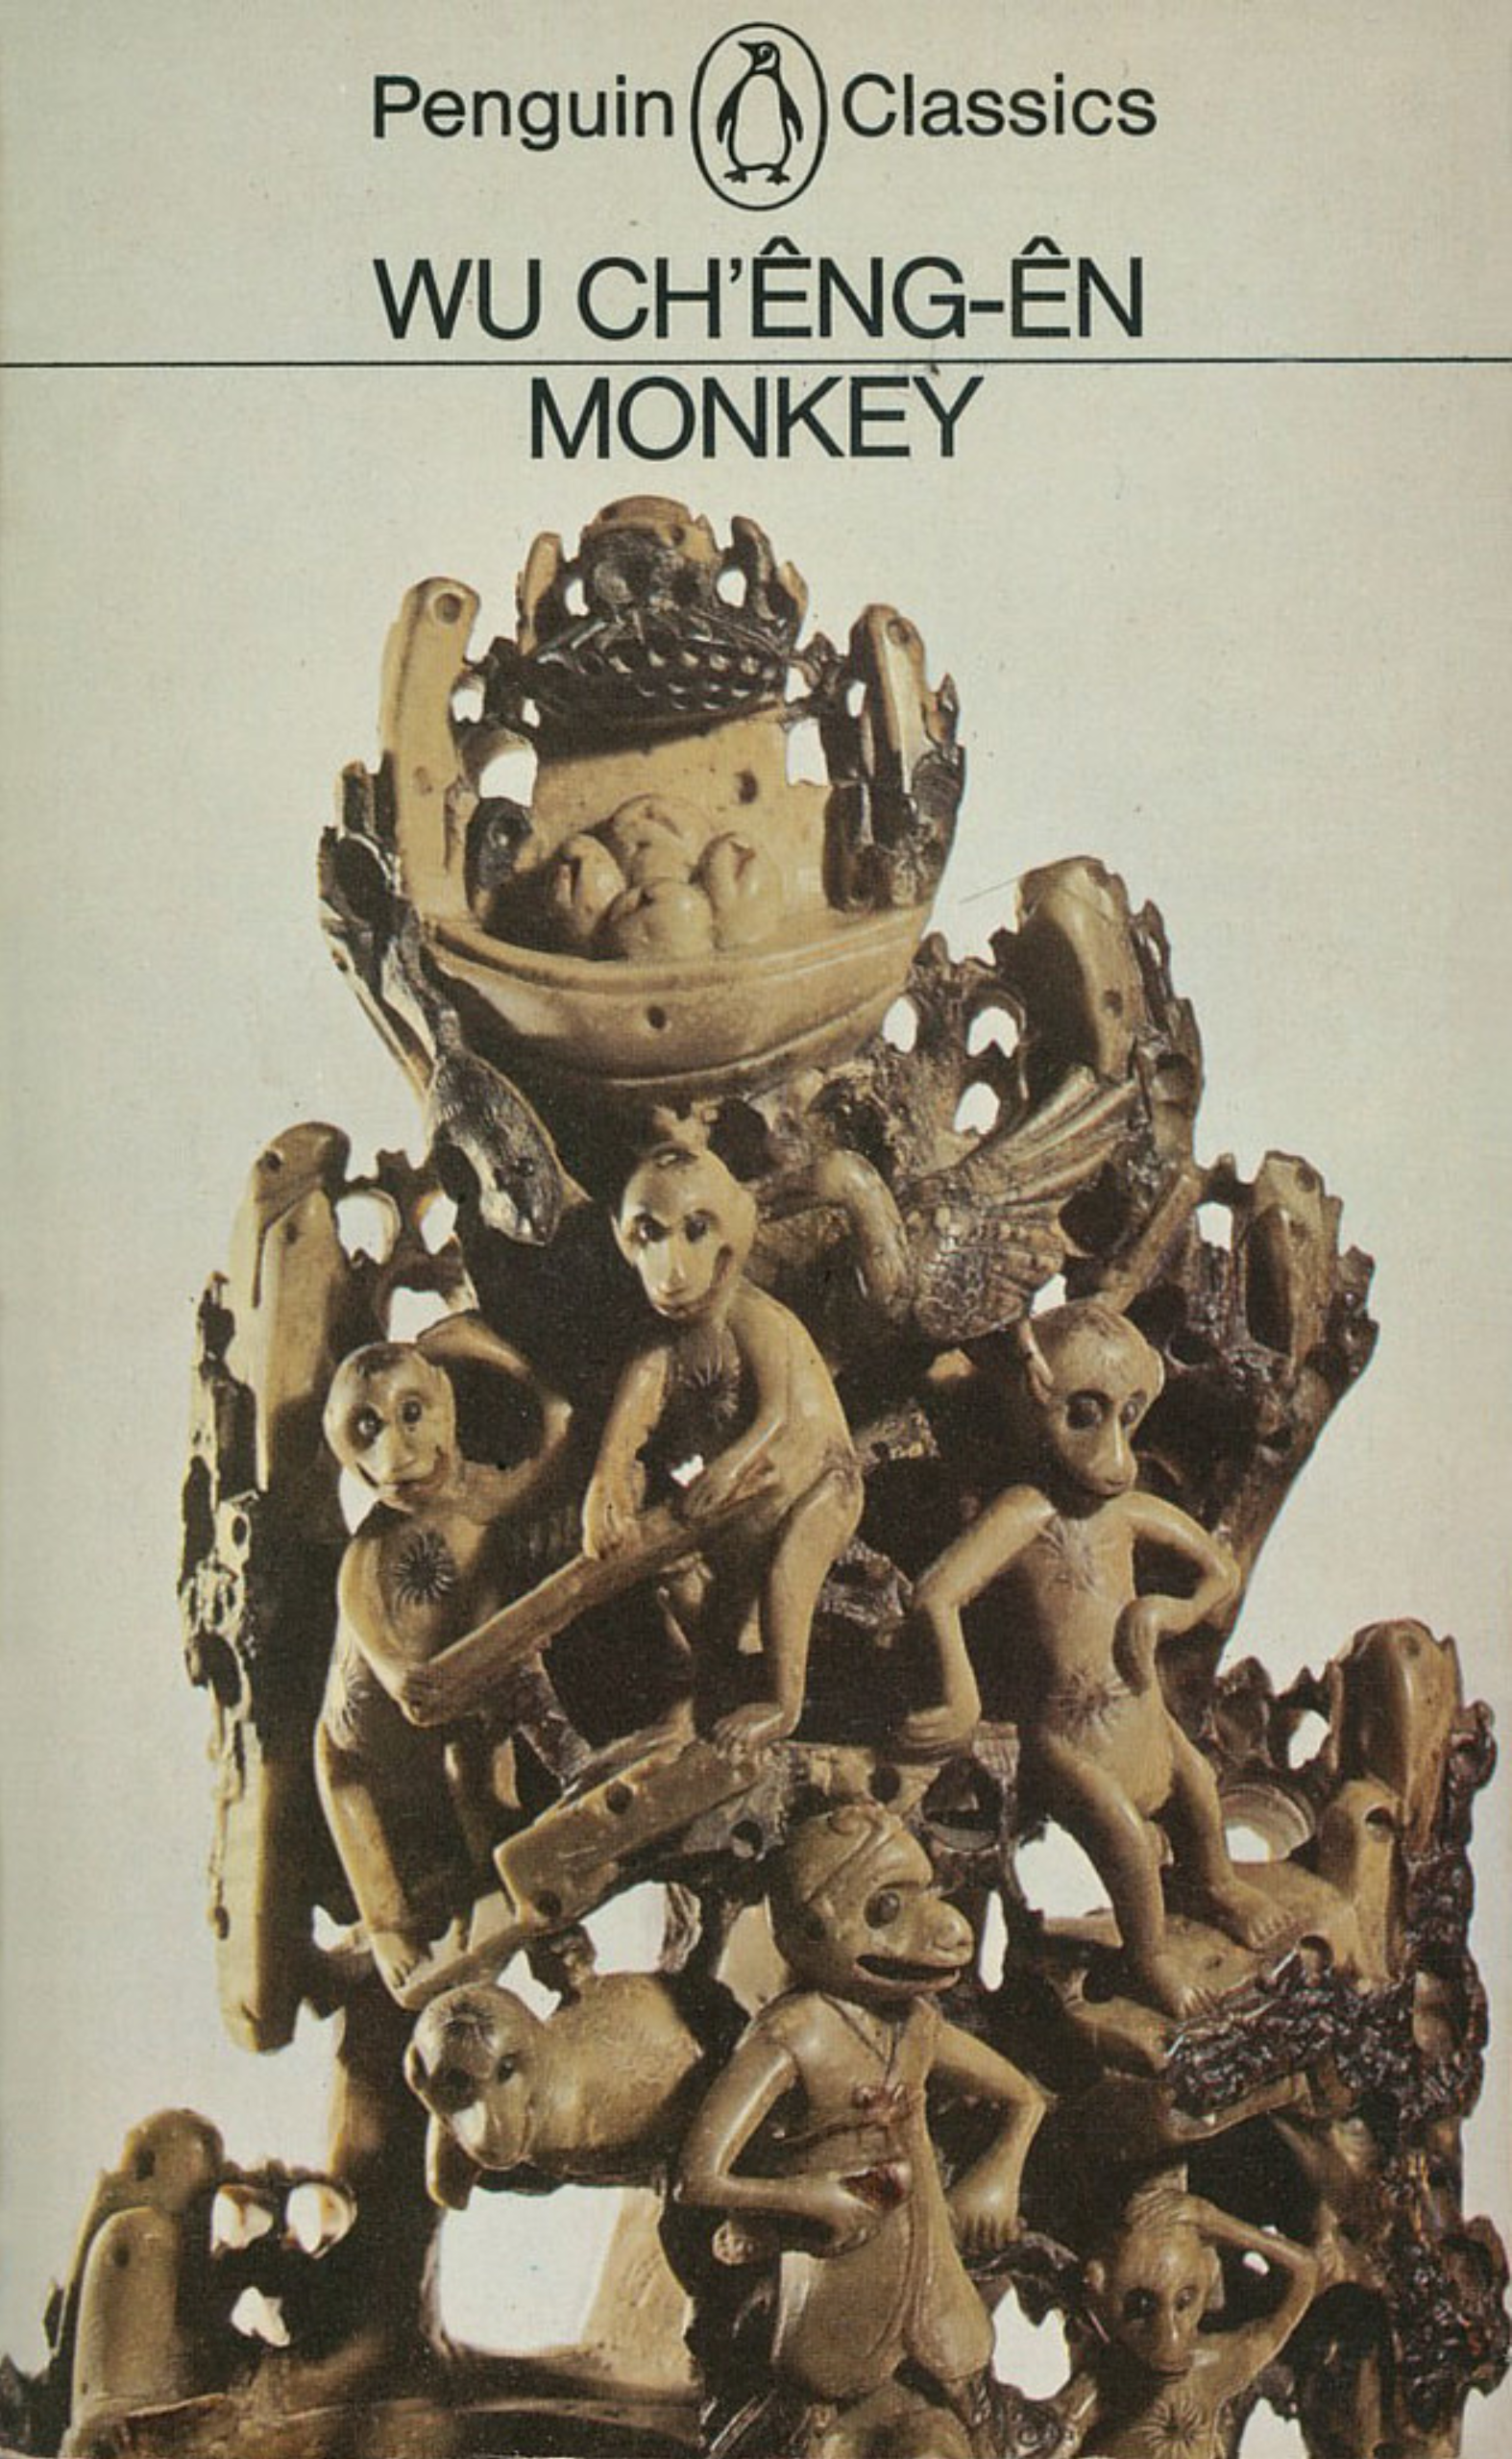 Monkey (1961)